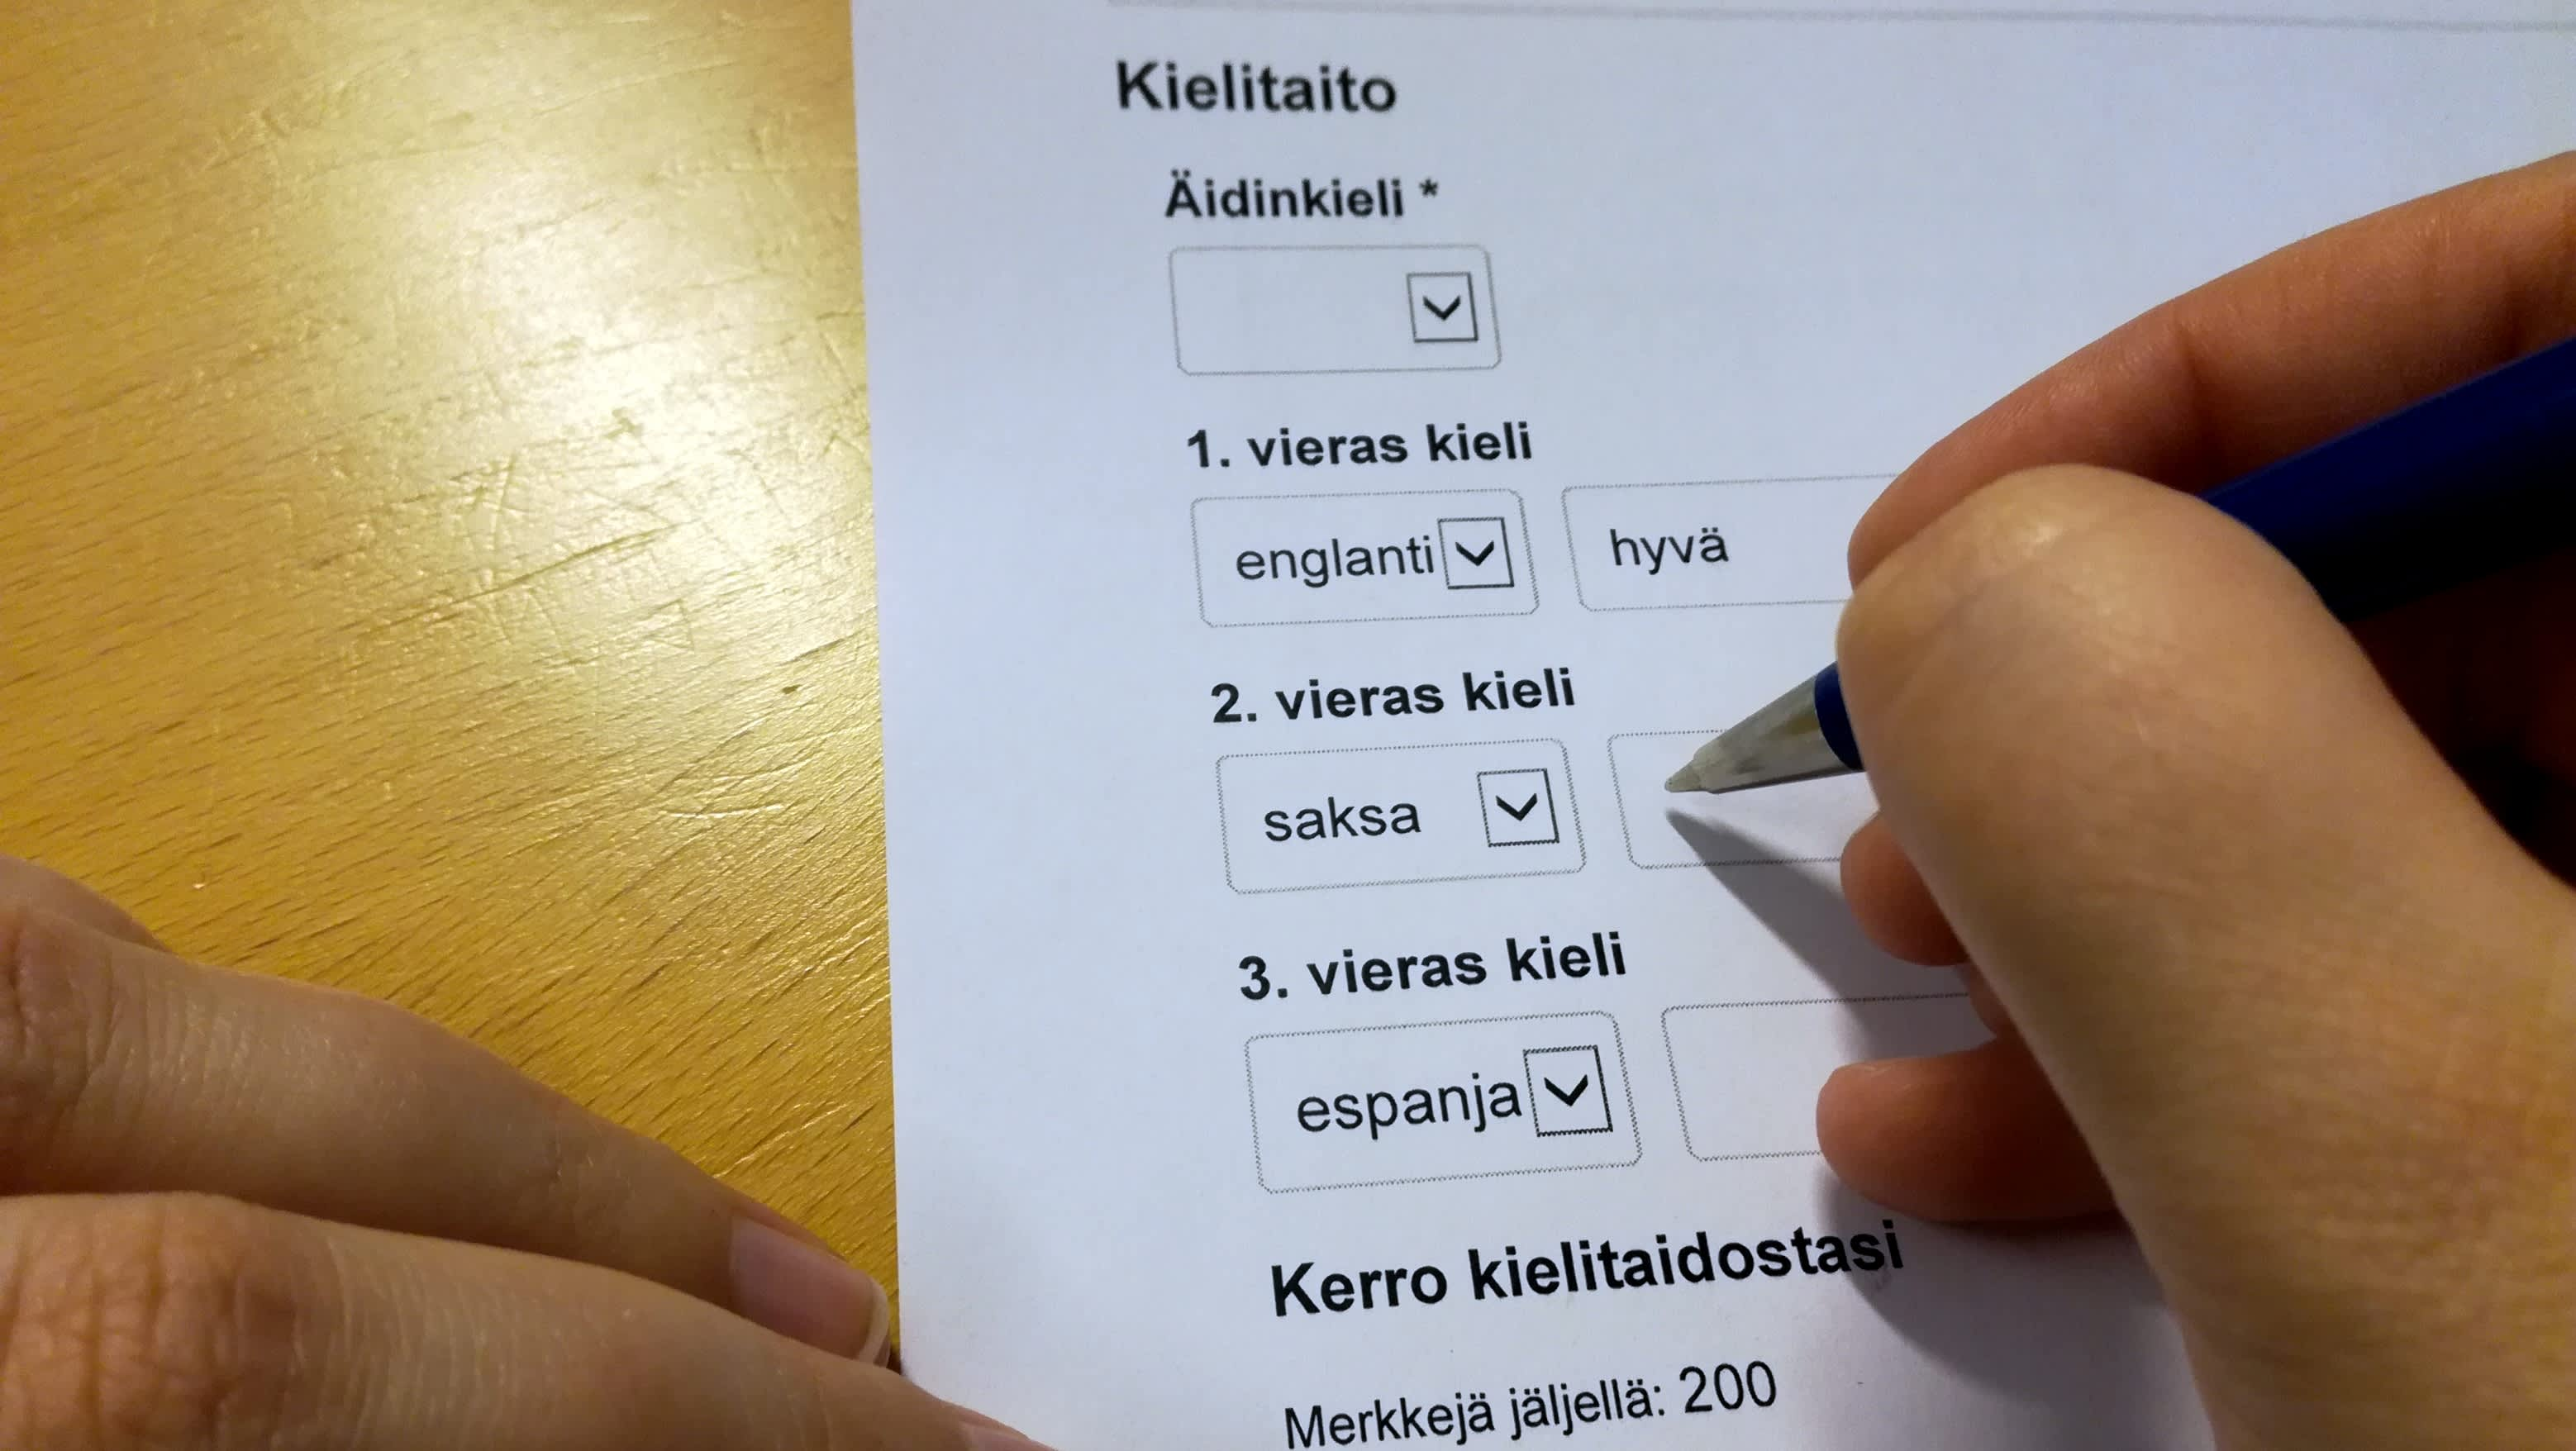 Työhakemuksessa kysytään kielitaitoa